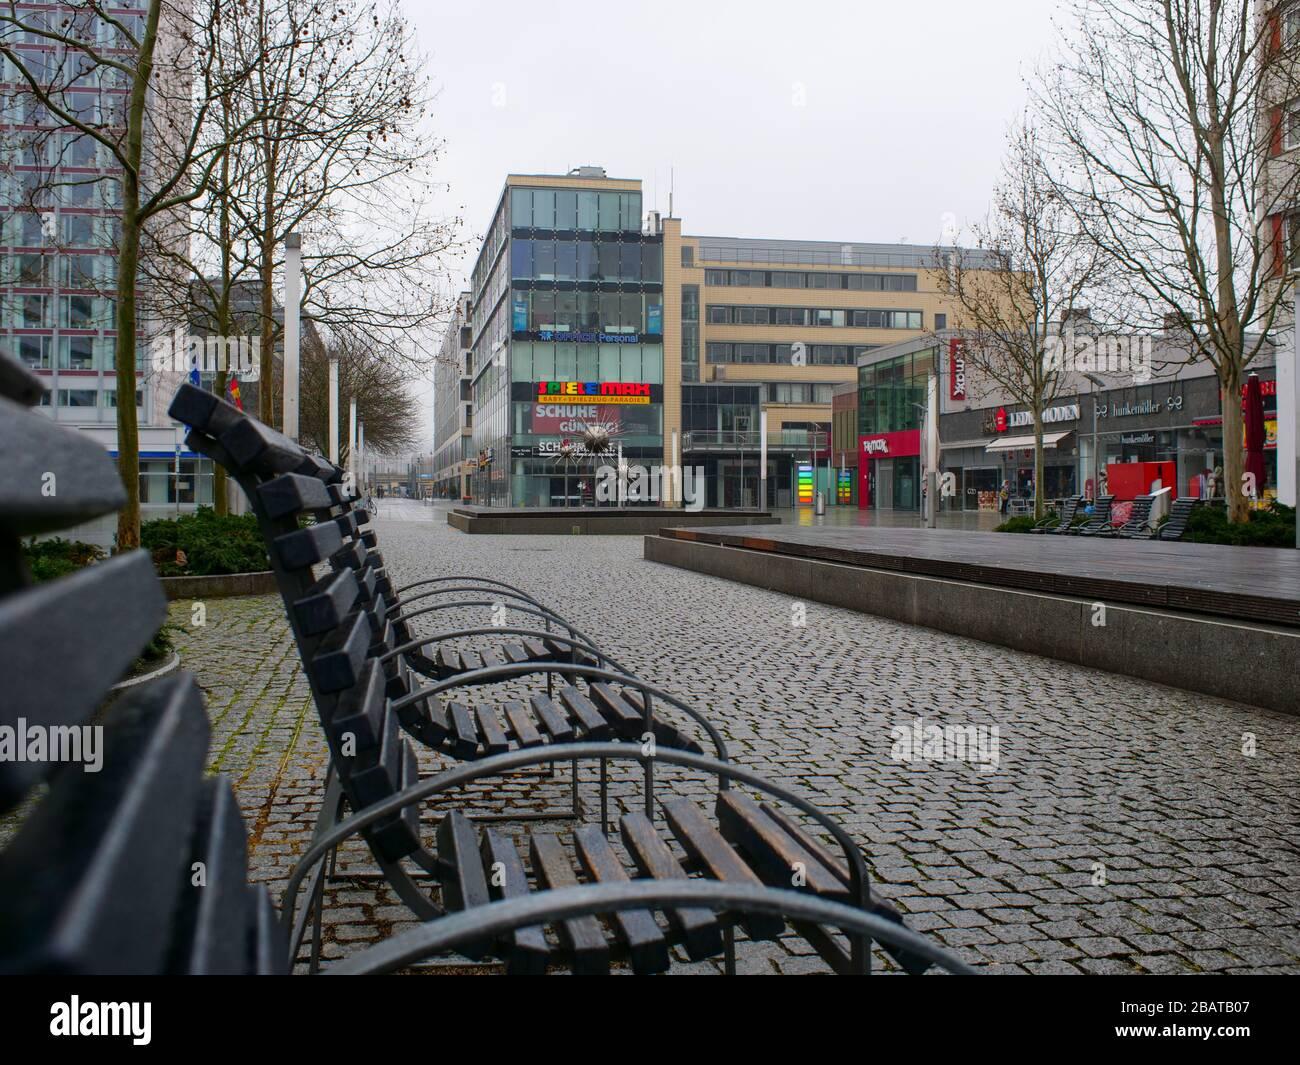 Menschenleere Prager Straße en Gastronomie de Dresde Foto de stock